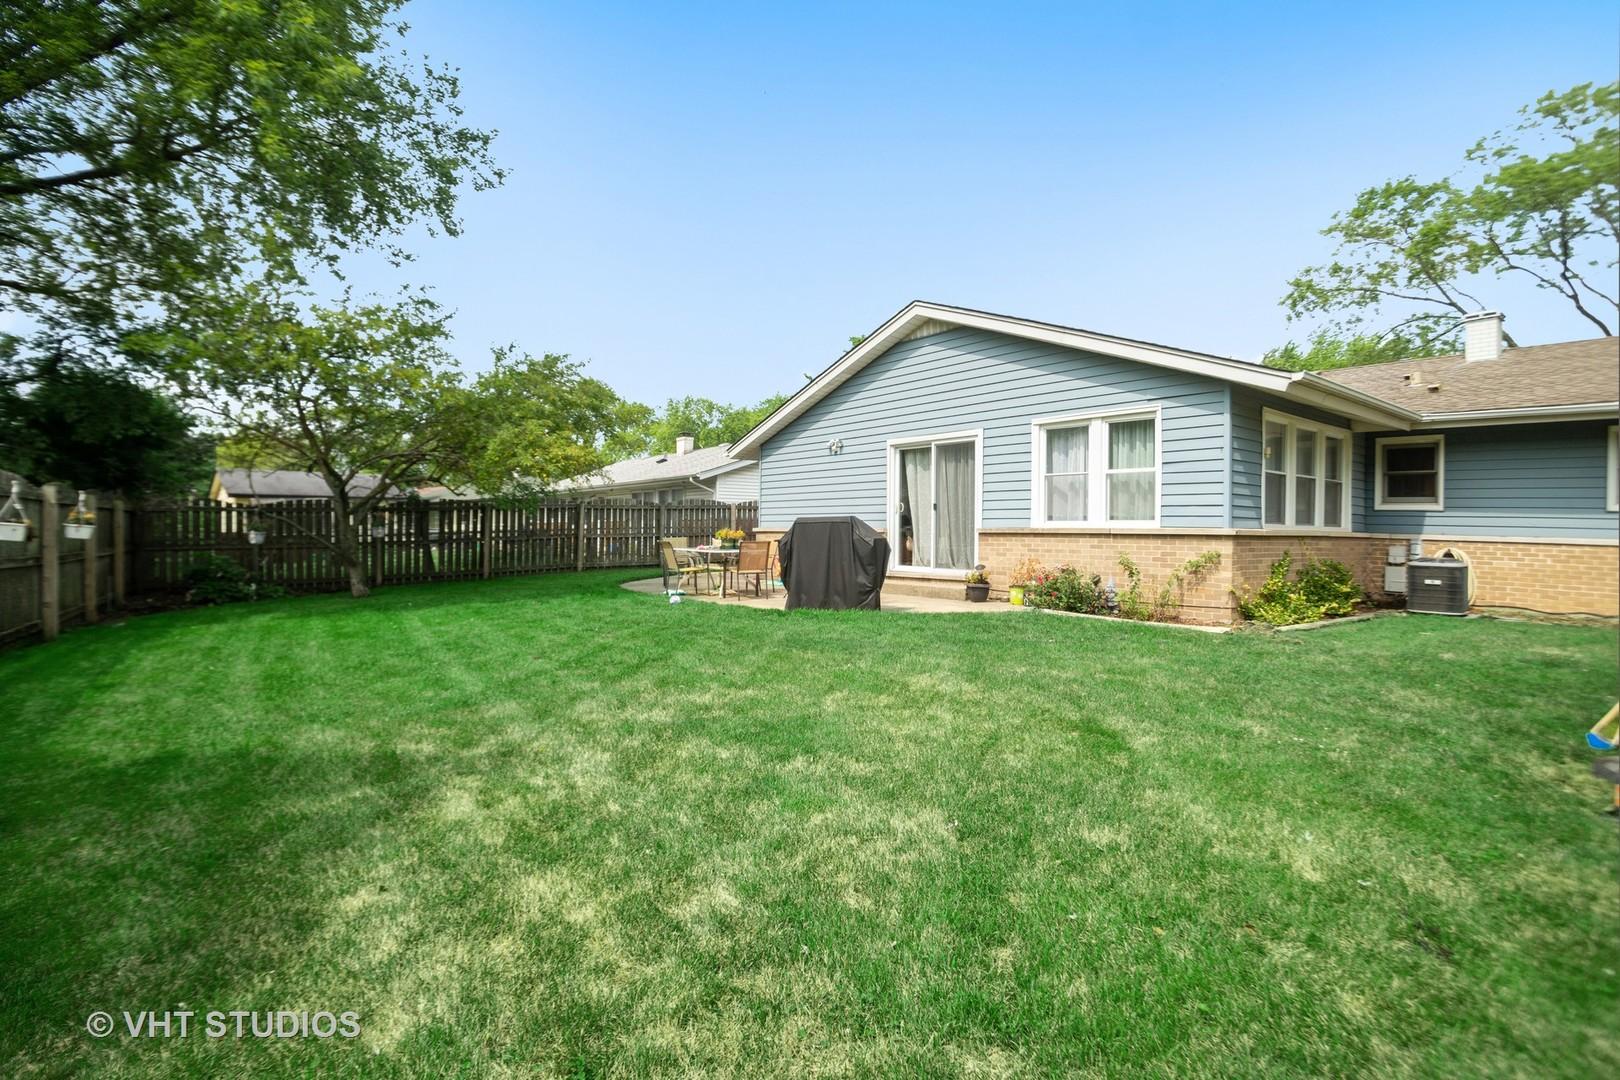 45 Evergreen, ELK GROVE VILLAGE, Illinois, 60007